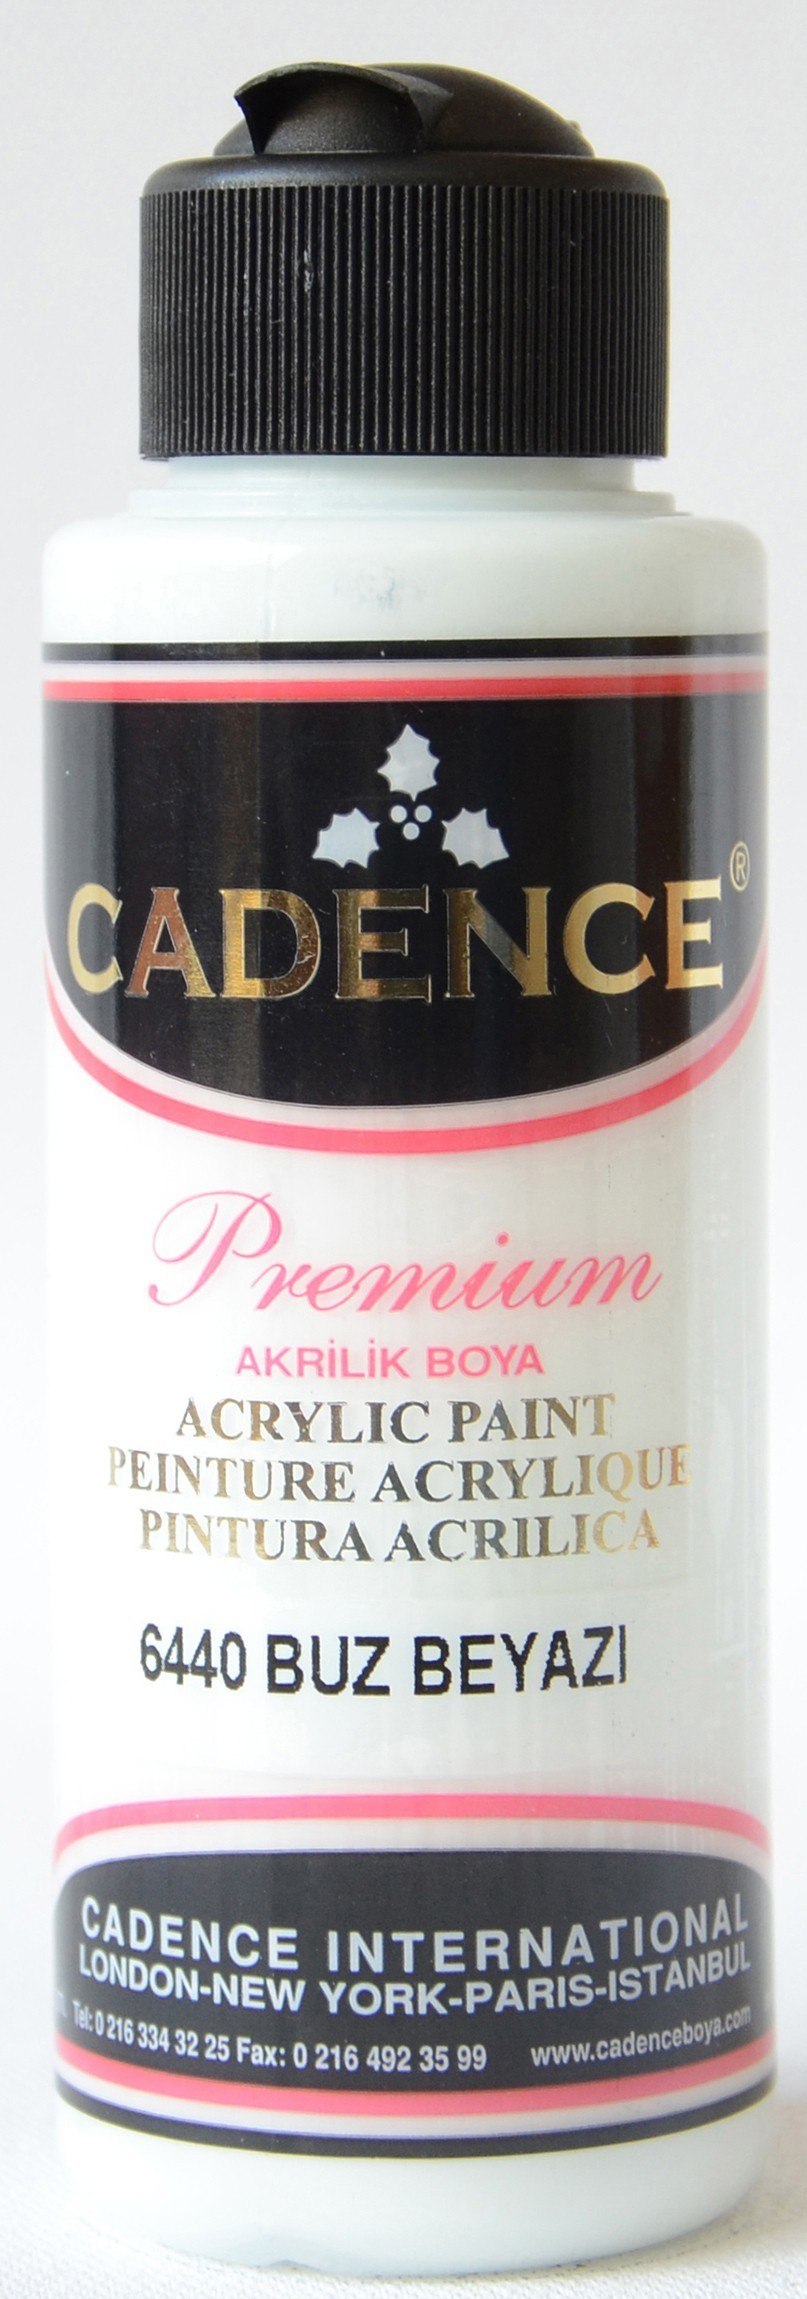 Cadence Akrilik Boya 120ML(cc) 6440 Buz Beyazı renkleri